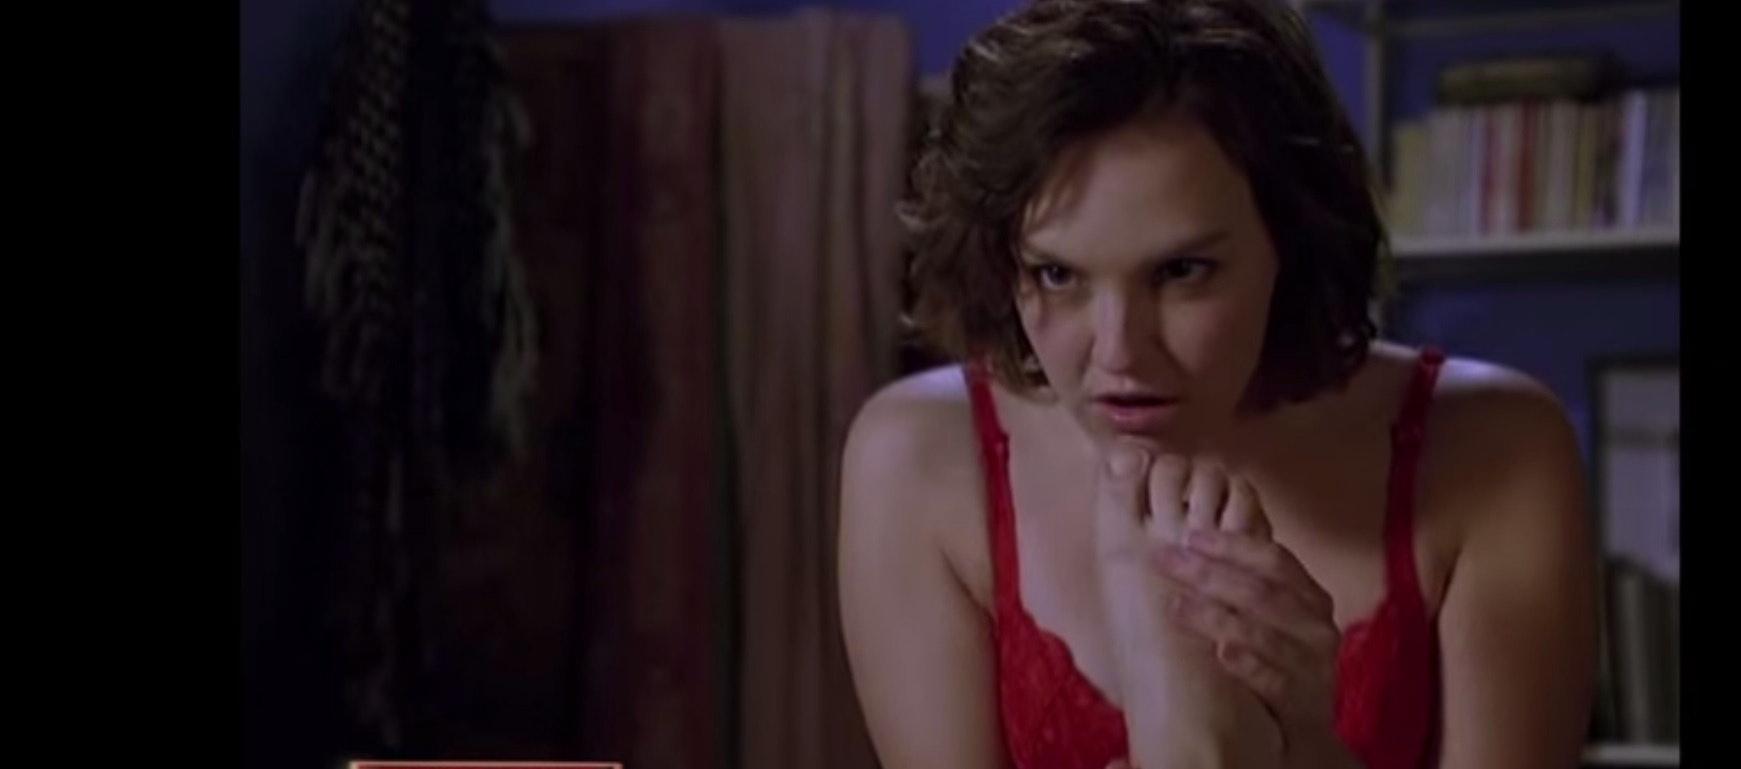 Female orgasm gagging on dick